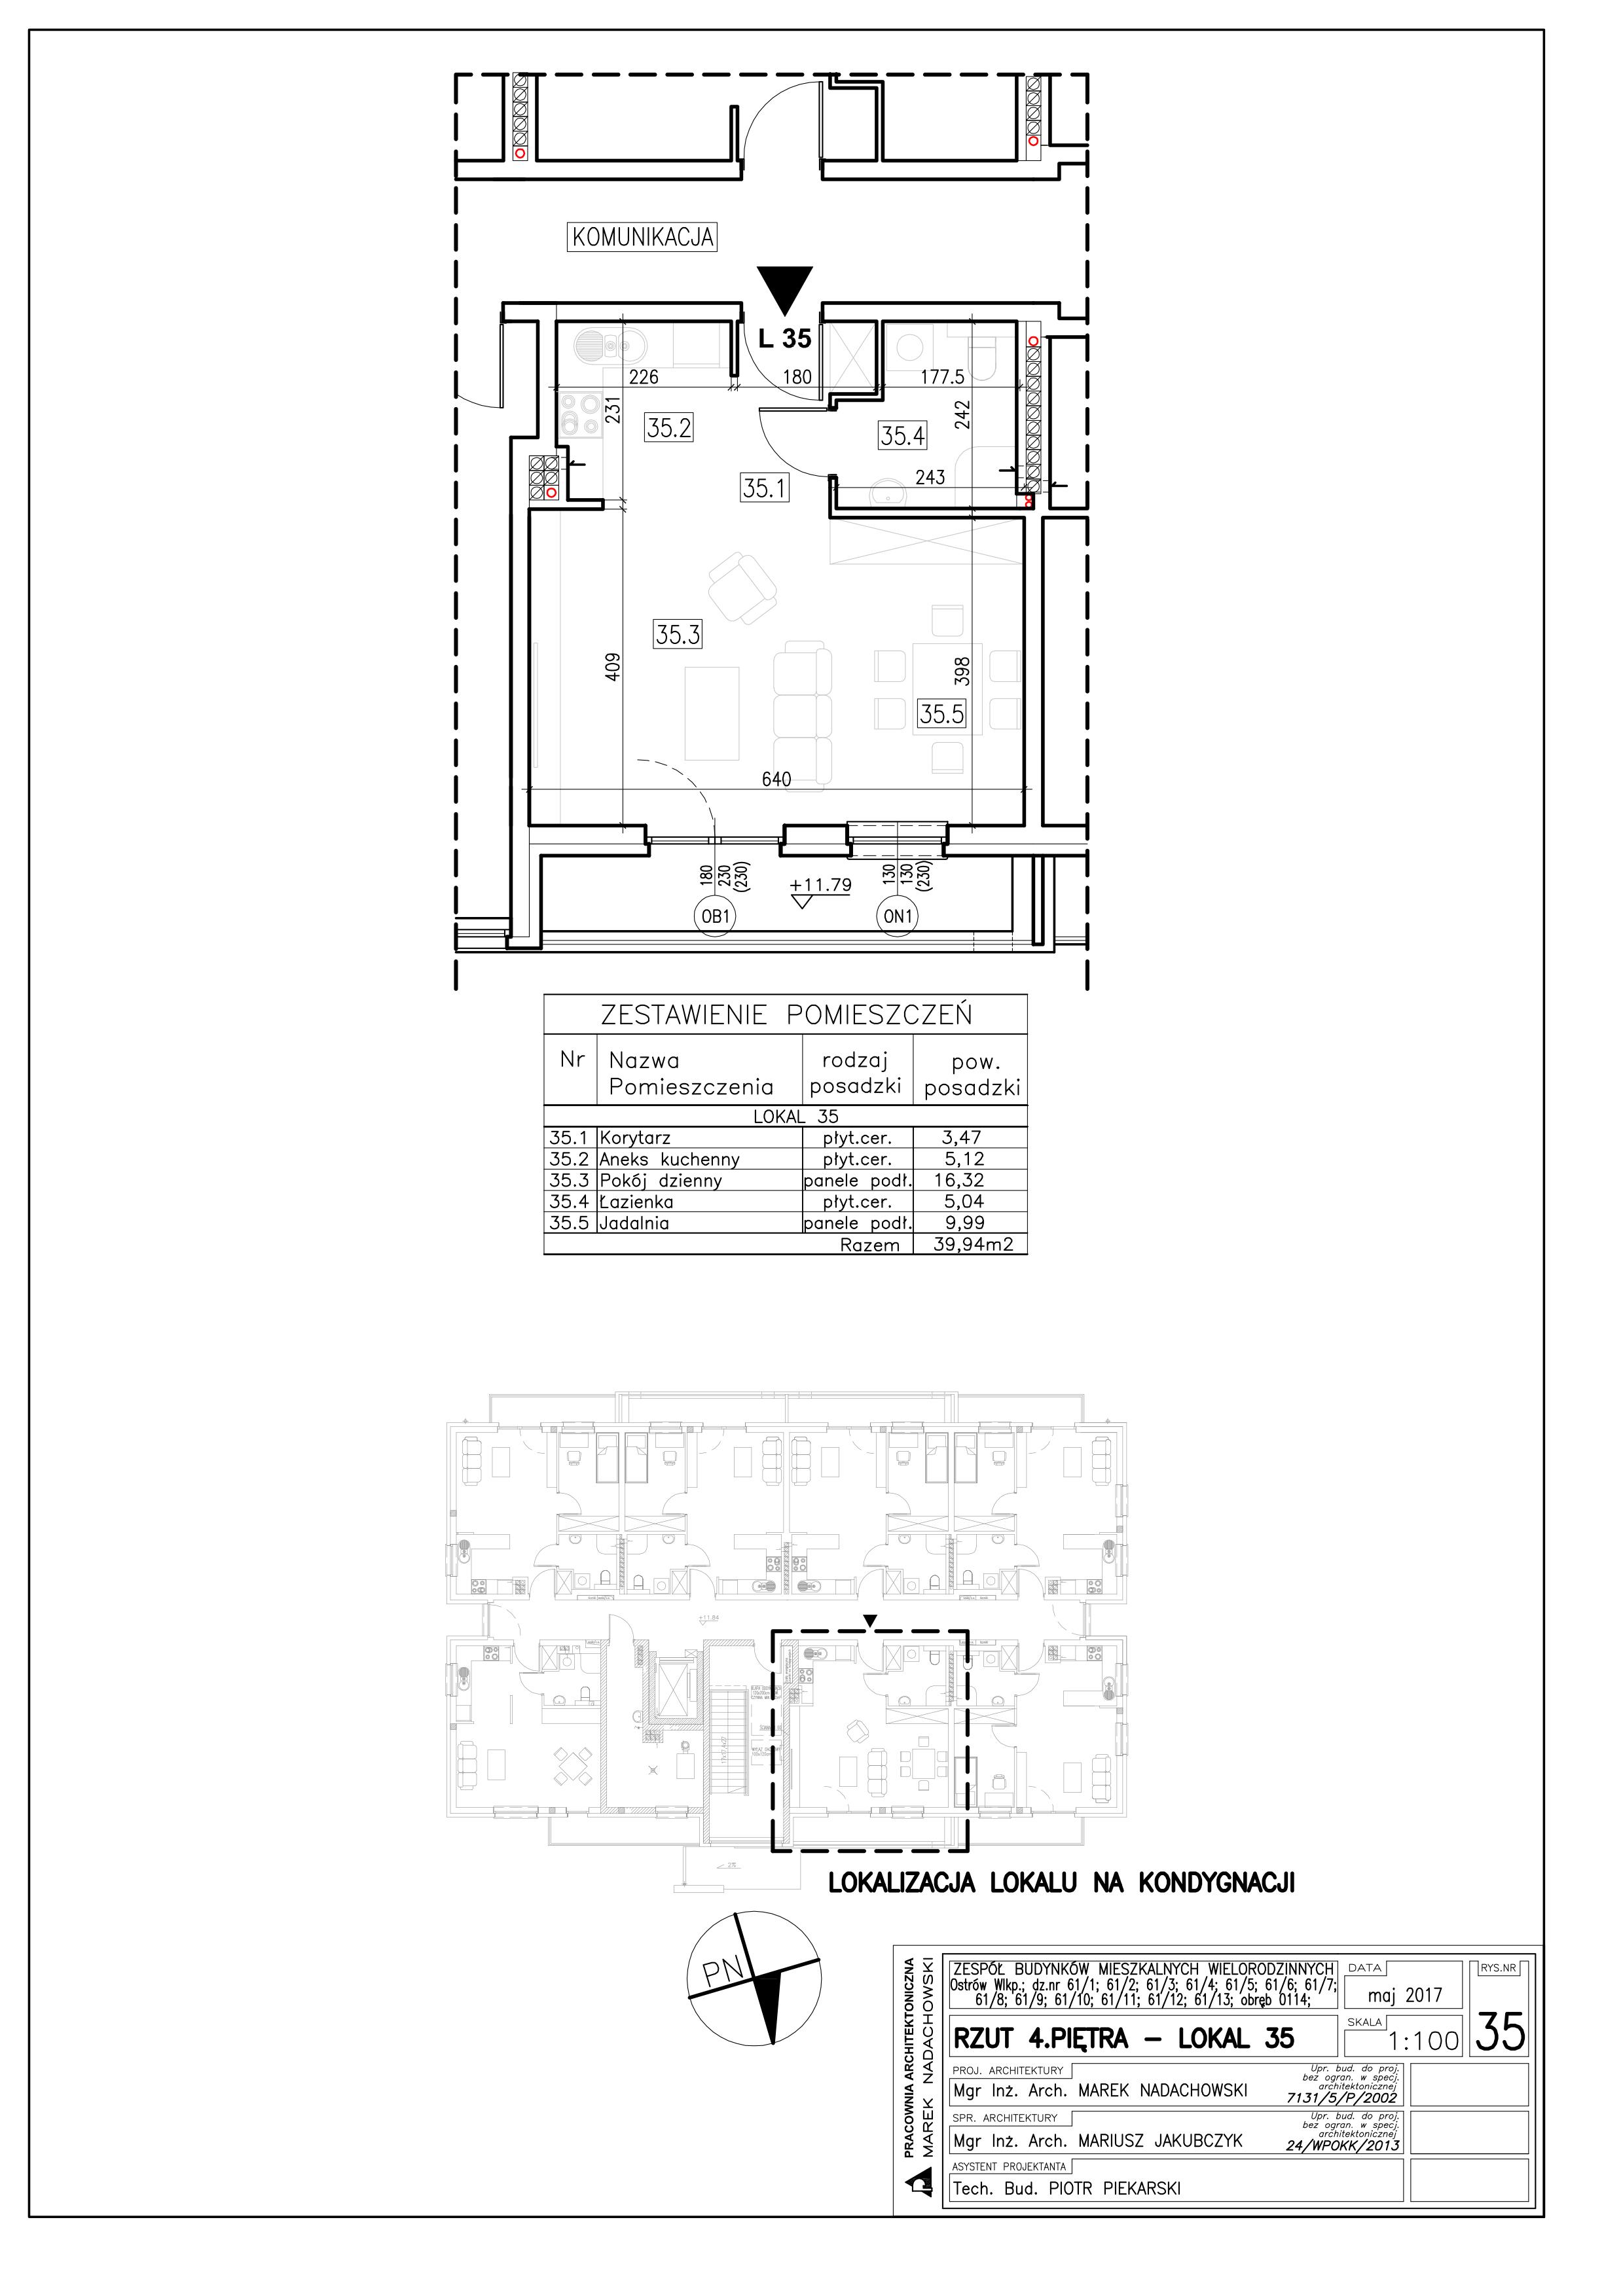 Lokal nr 35 Powierzchnia: 39,94 m2